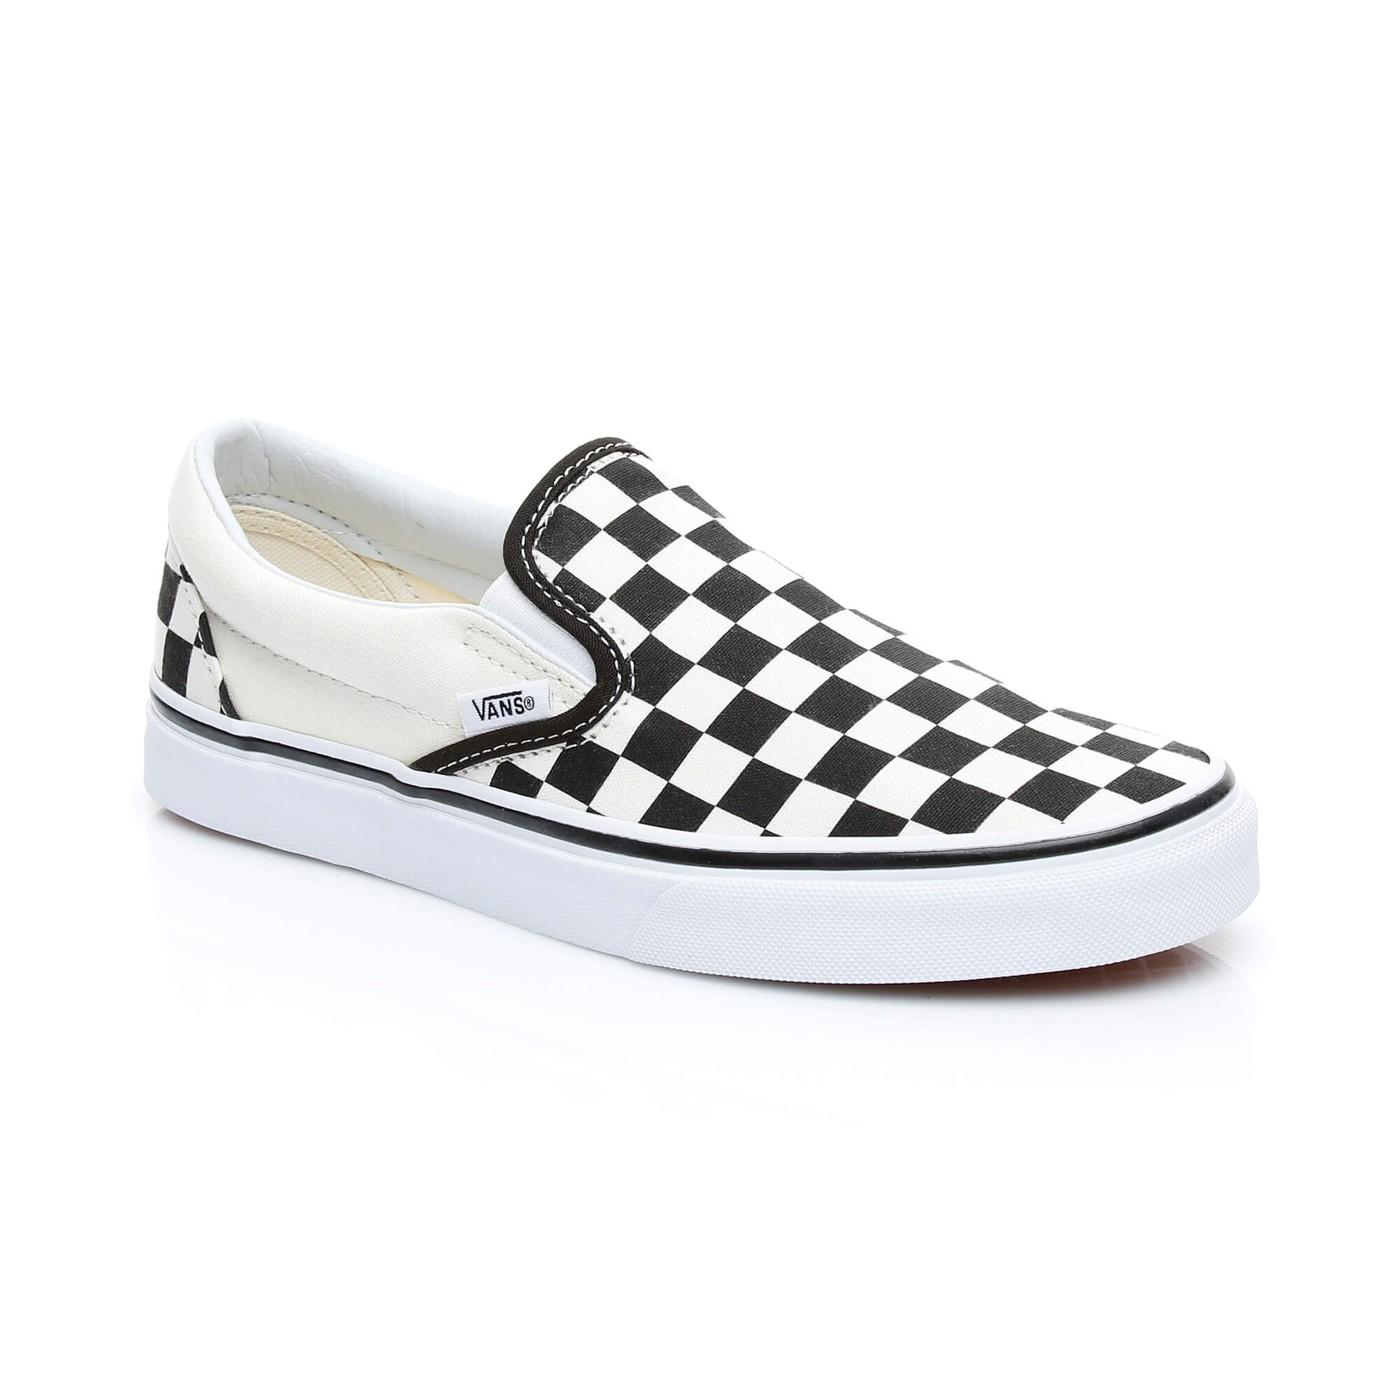 Vans Classic Erkek Siyah-Beyaz Slip On Ayakkabı